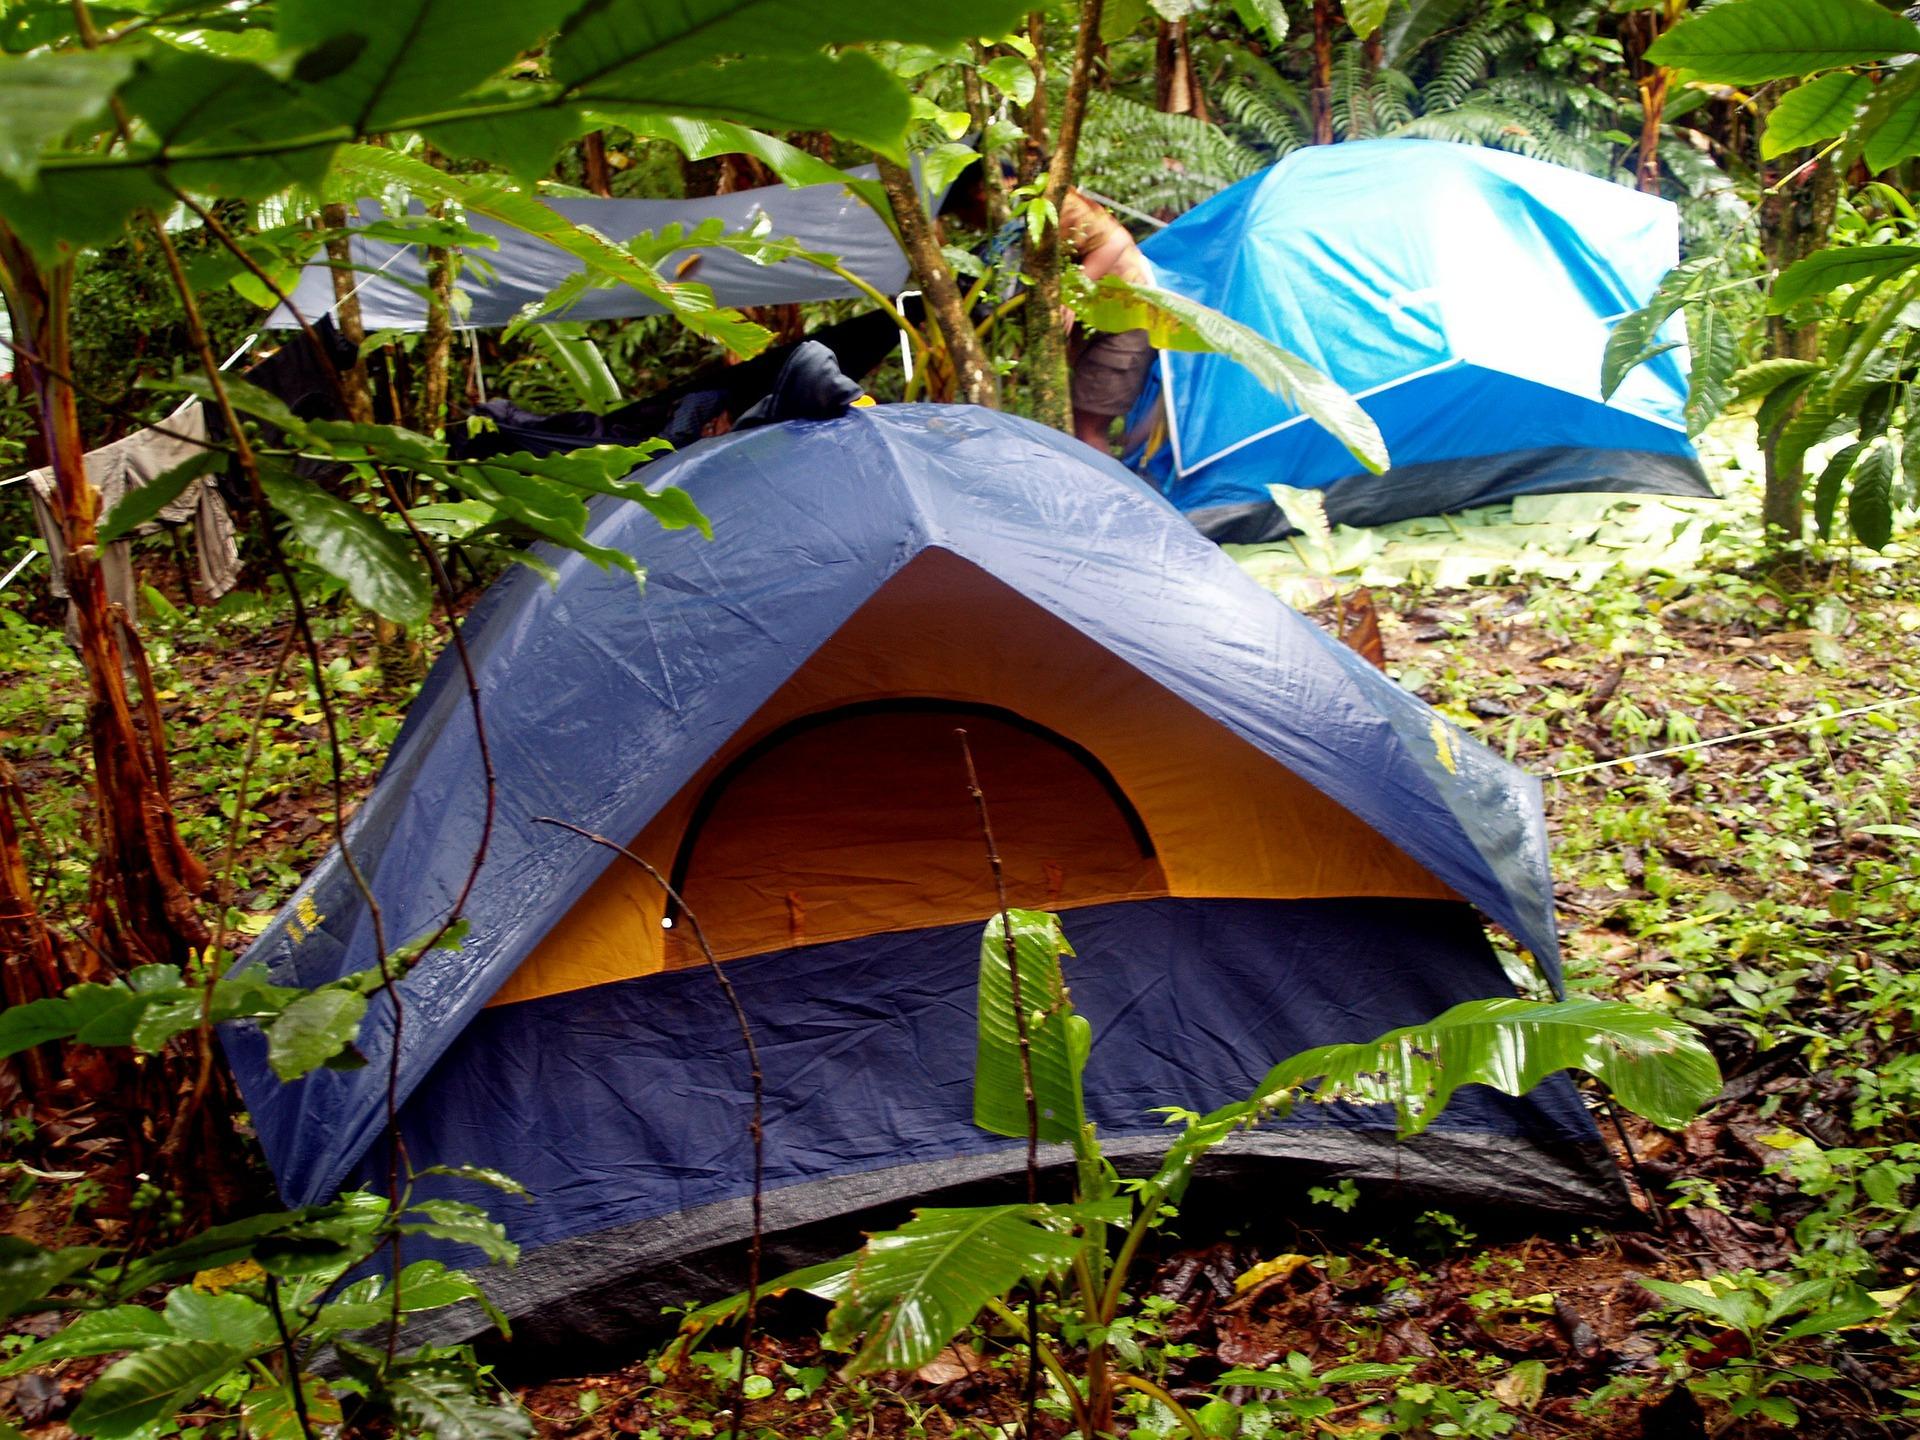 Dormir au sec pendant le camping sous la pluie